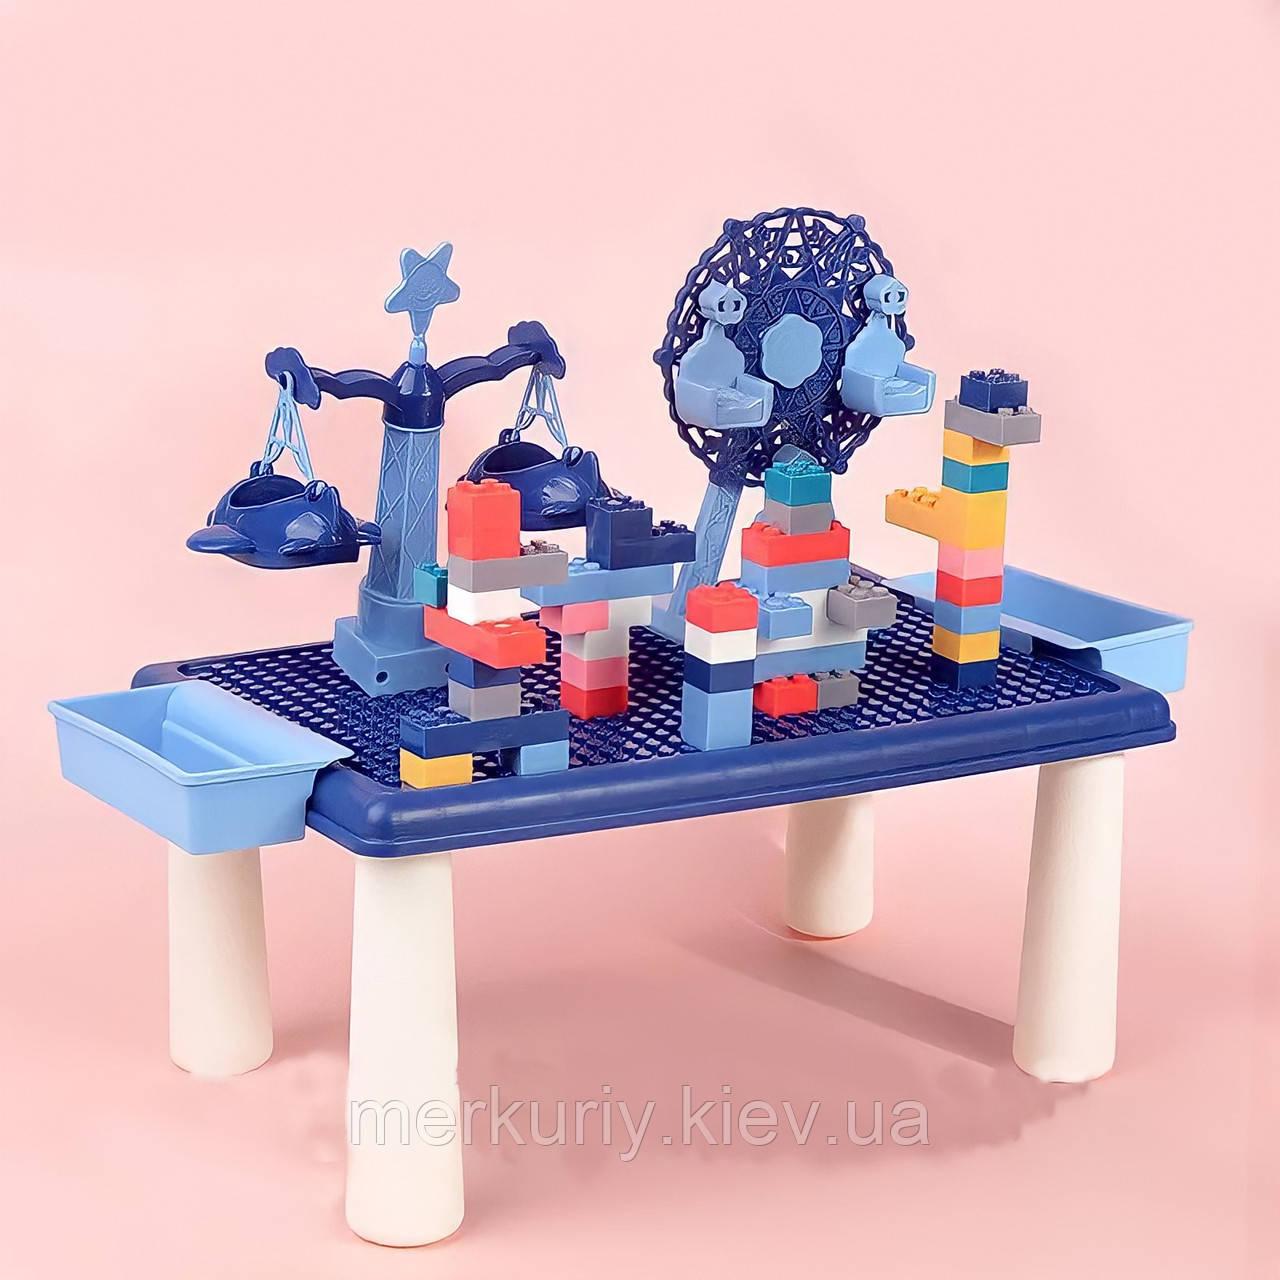 Детский игровой столик для конструктора RUN RUN Block World 69шт Синий